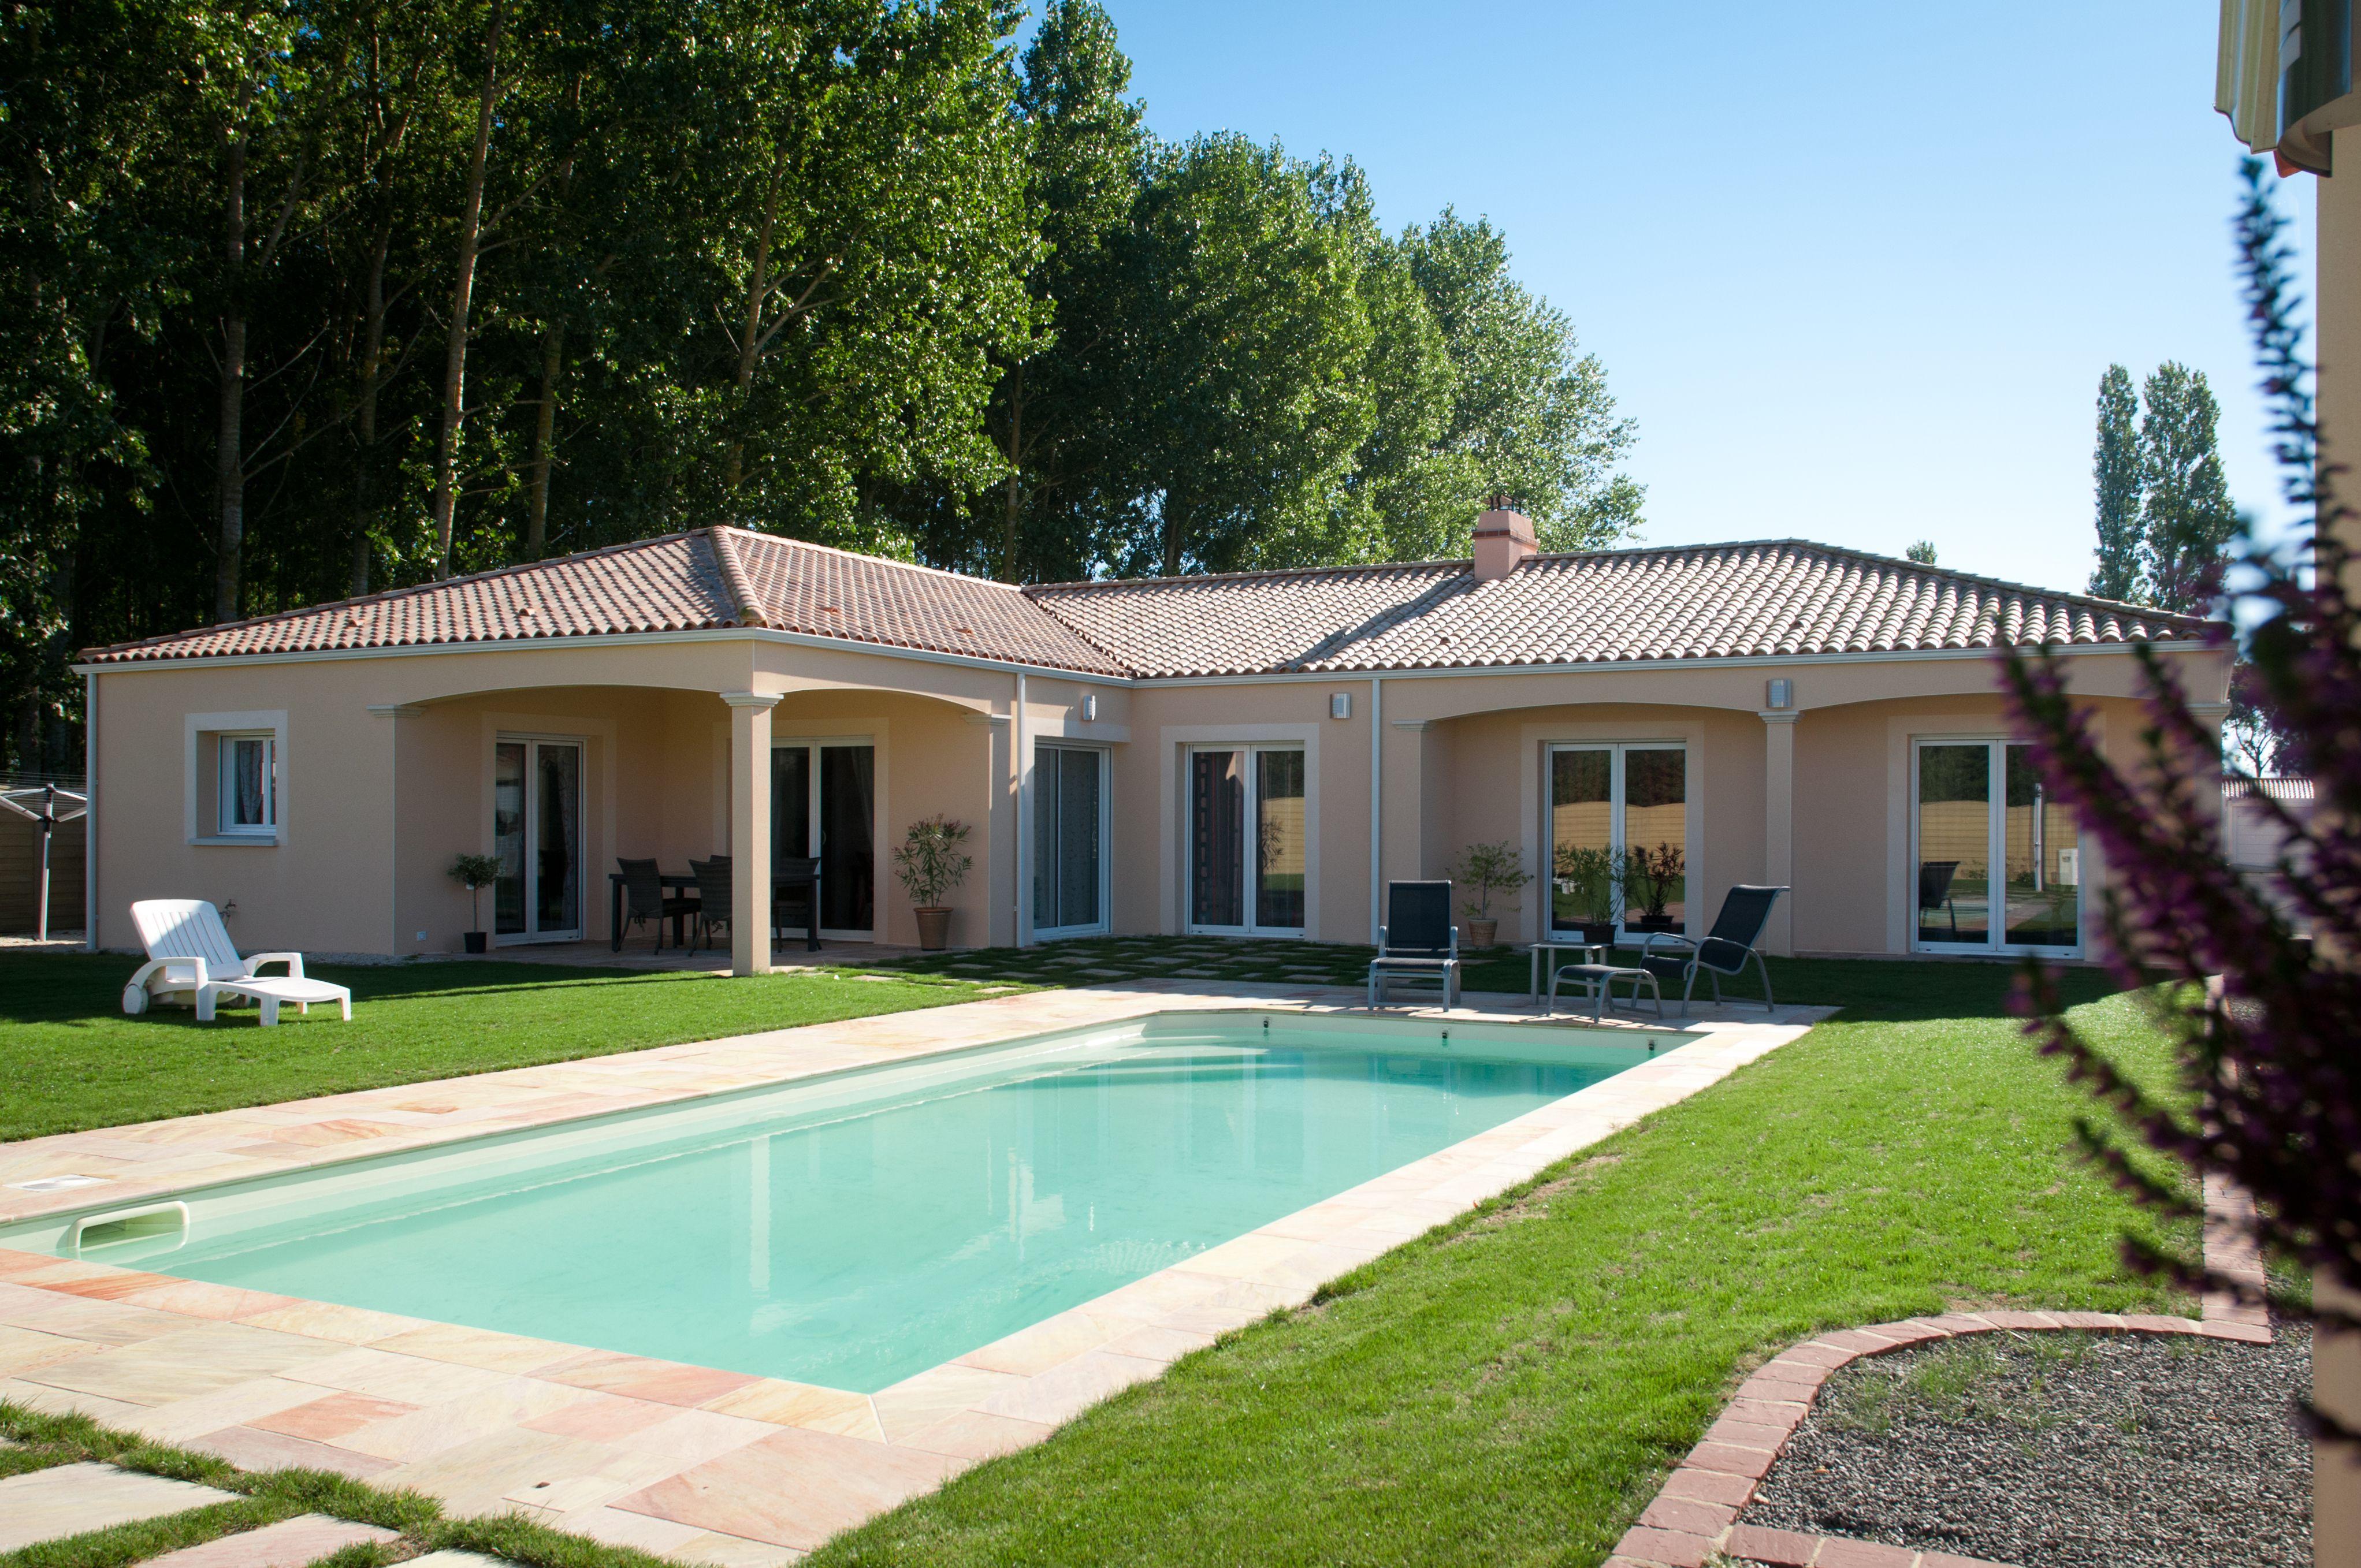 Maison constructeur de maison maisons d 39 en france - Villa charente maritime avec piscine ...